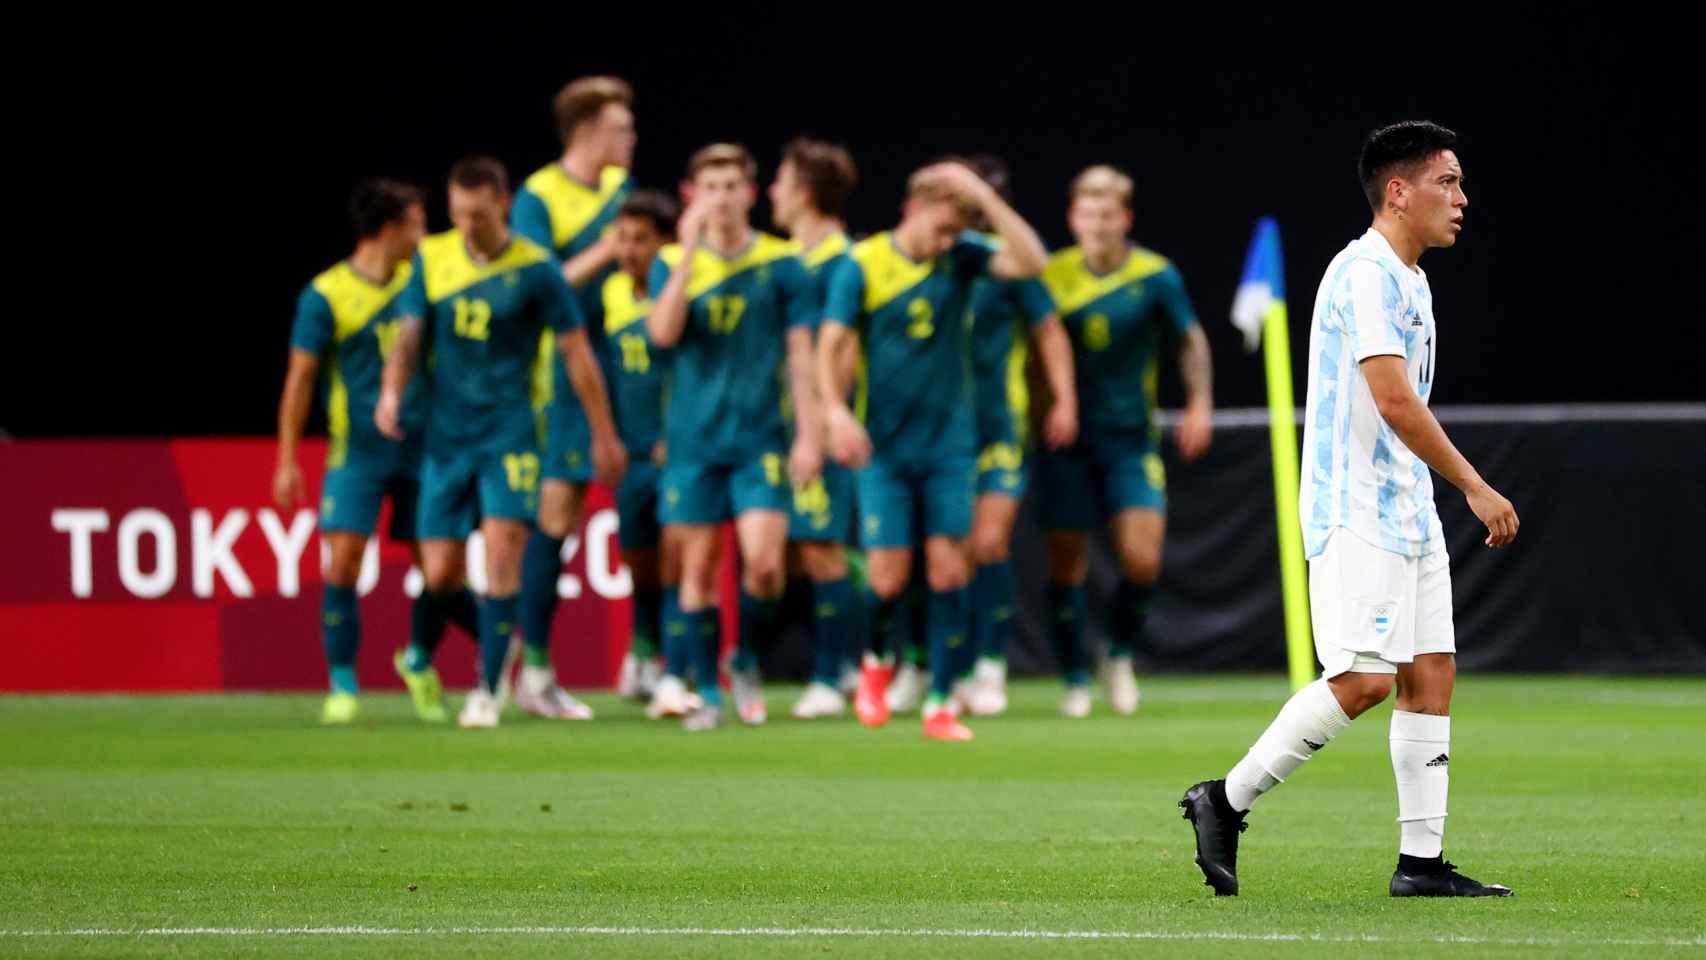 La selección de Australia celebra uno de sus goles delante de un Ezequiel Barco cabizbajo